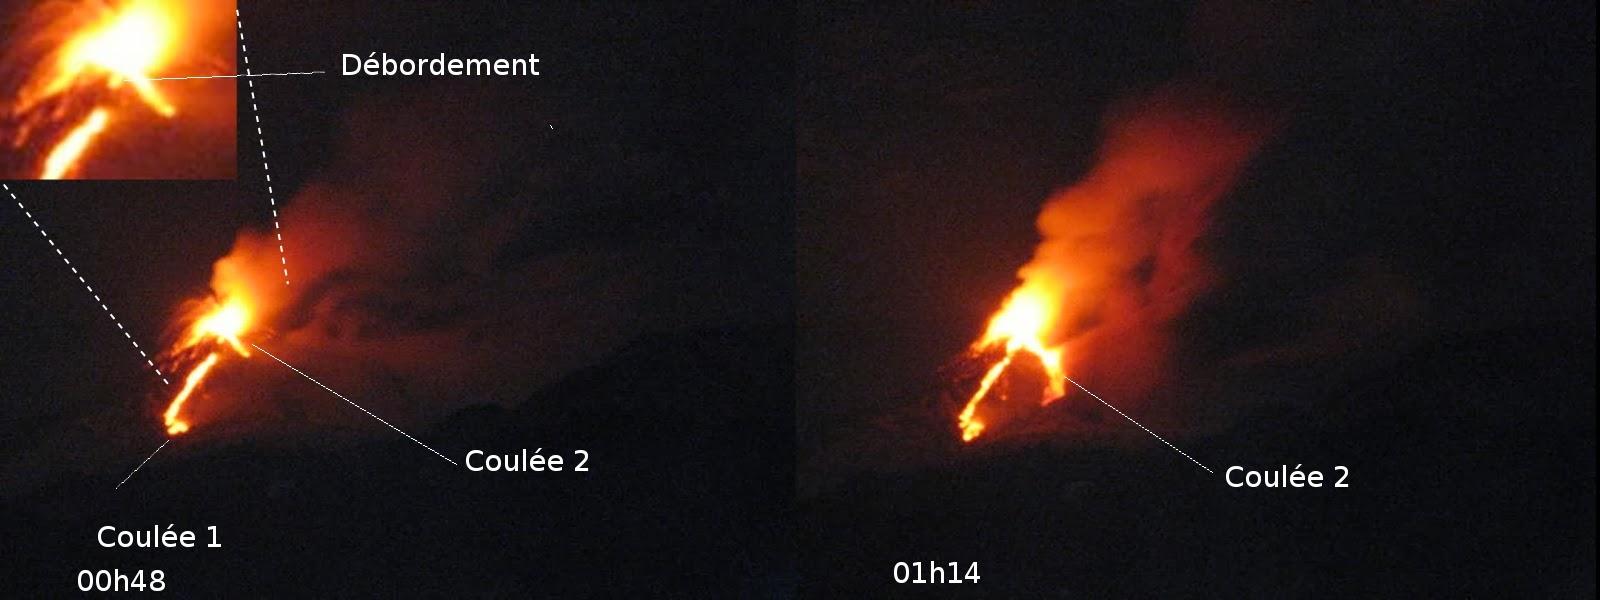 Coulées du 21eme paroxysme du volcan Etna, étape 2